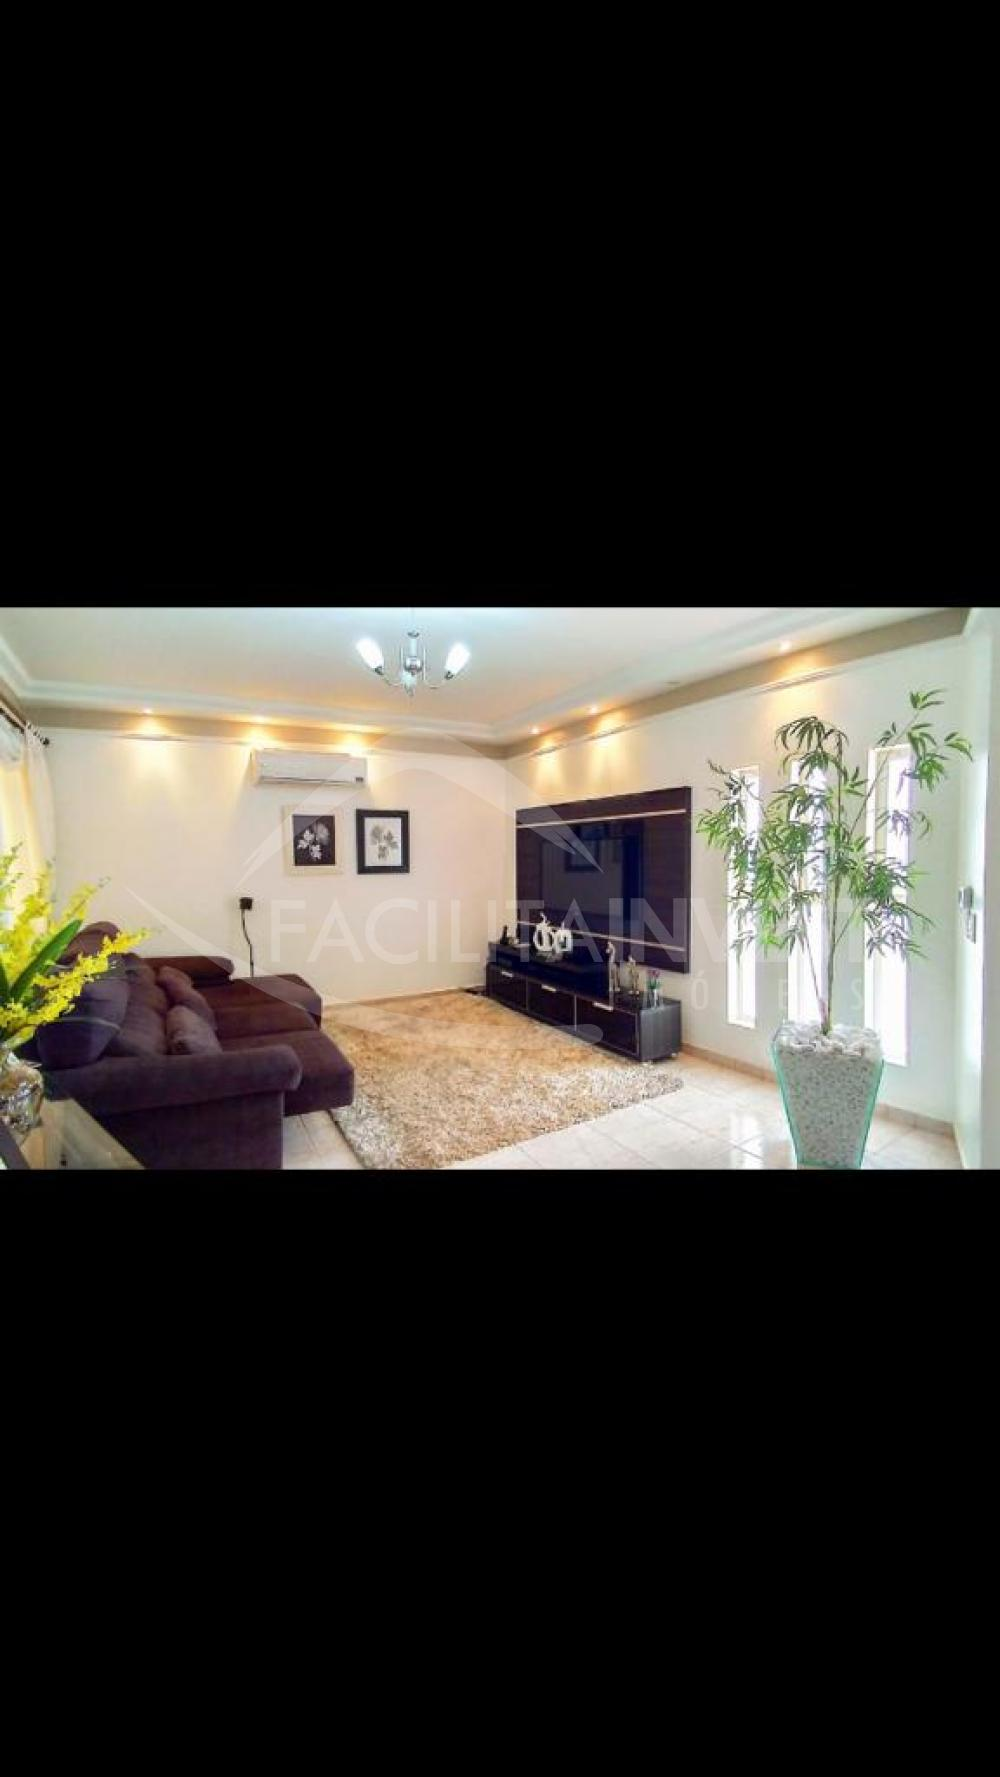 Comprar Casa Padrão / Casa Padrão em Ribeirão Preto R$ 900.000,00 - Foto 3